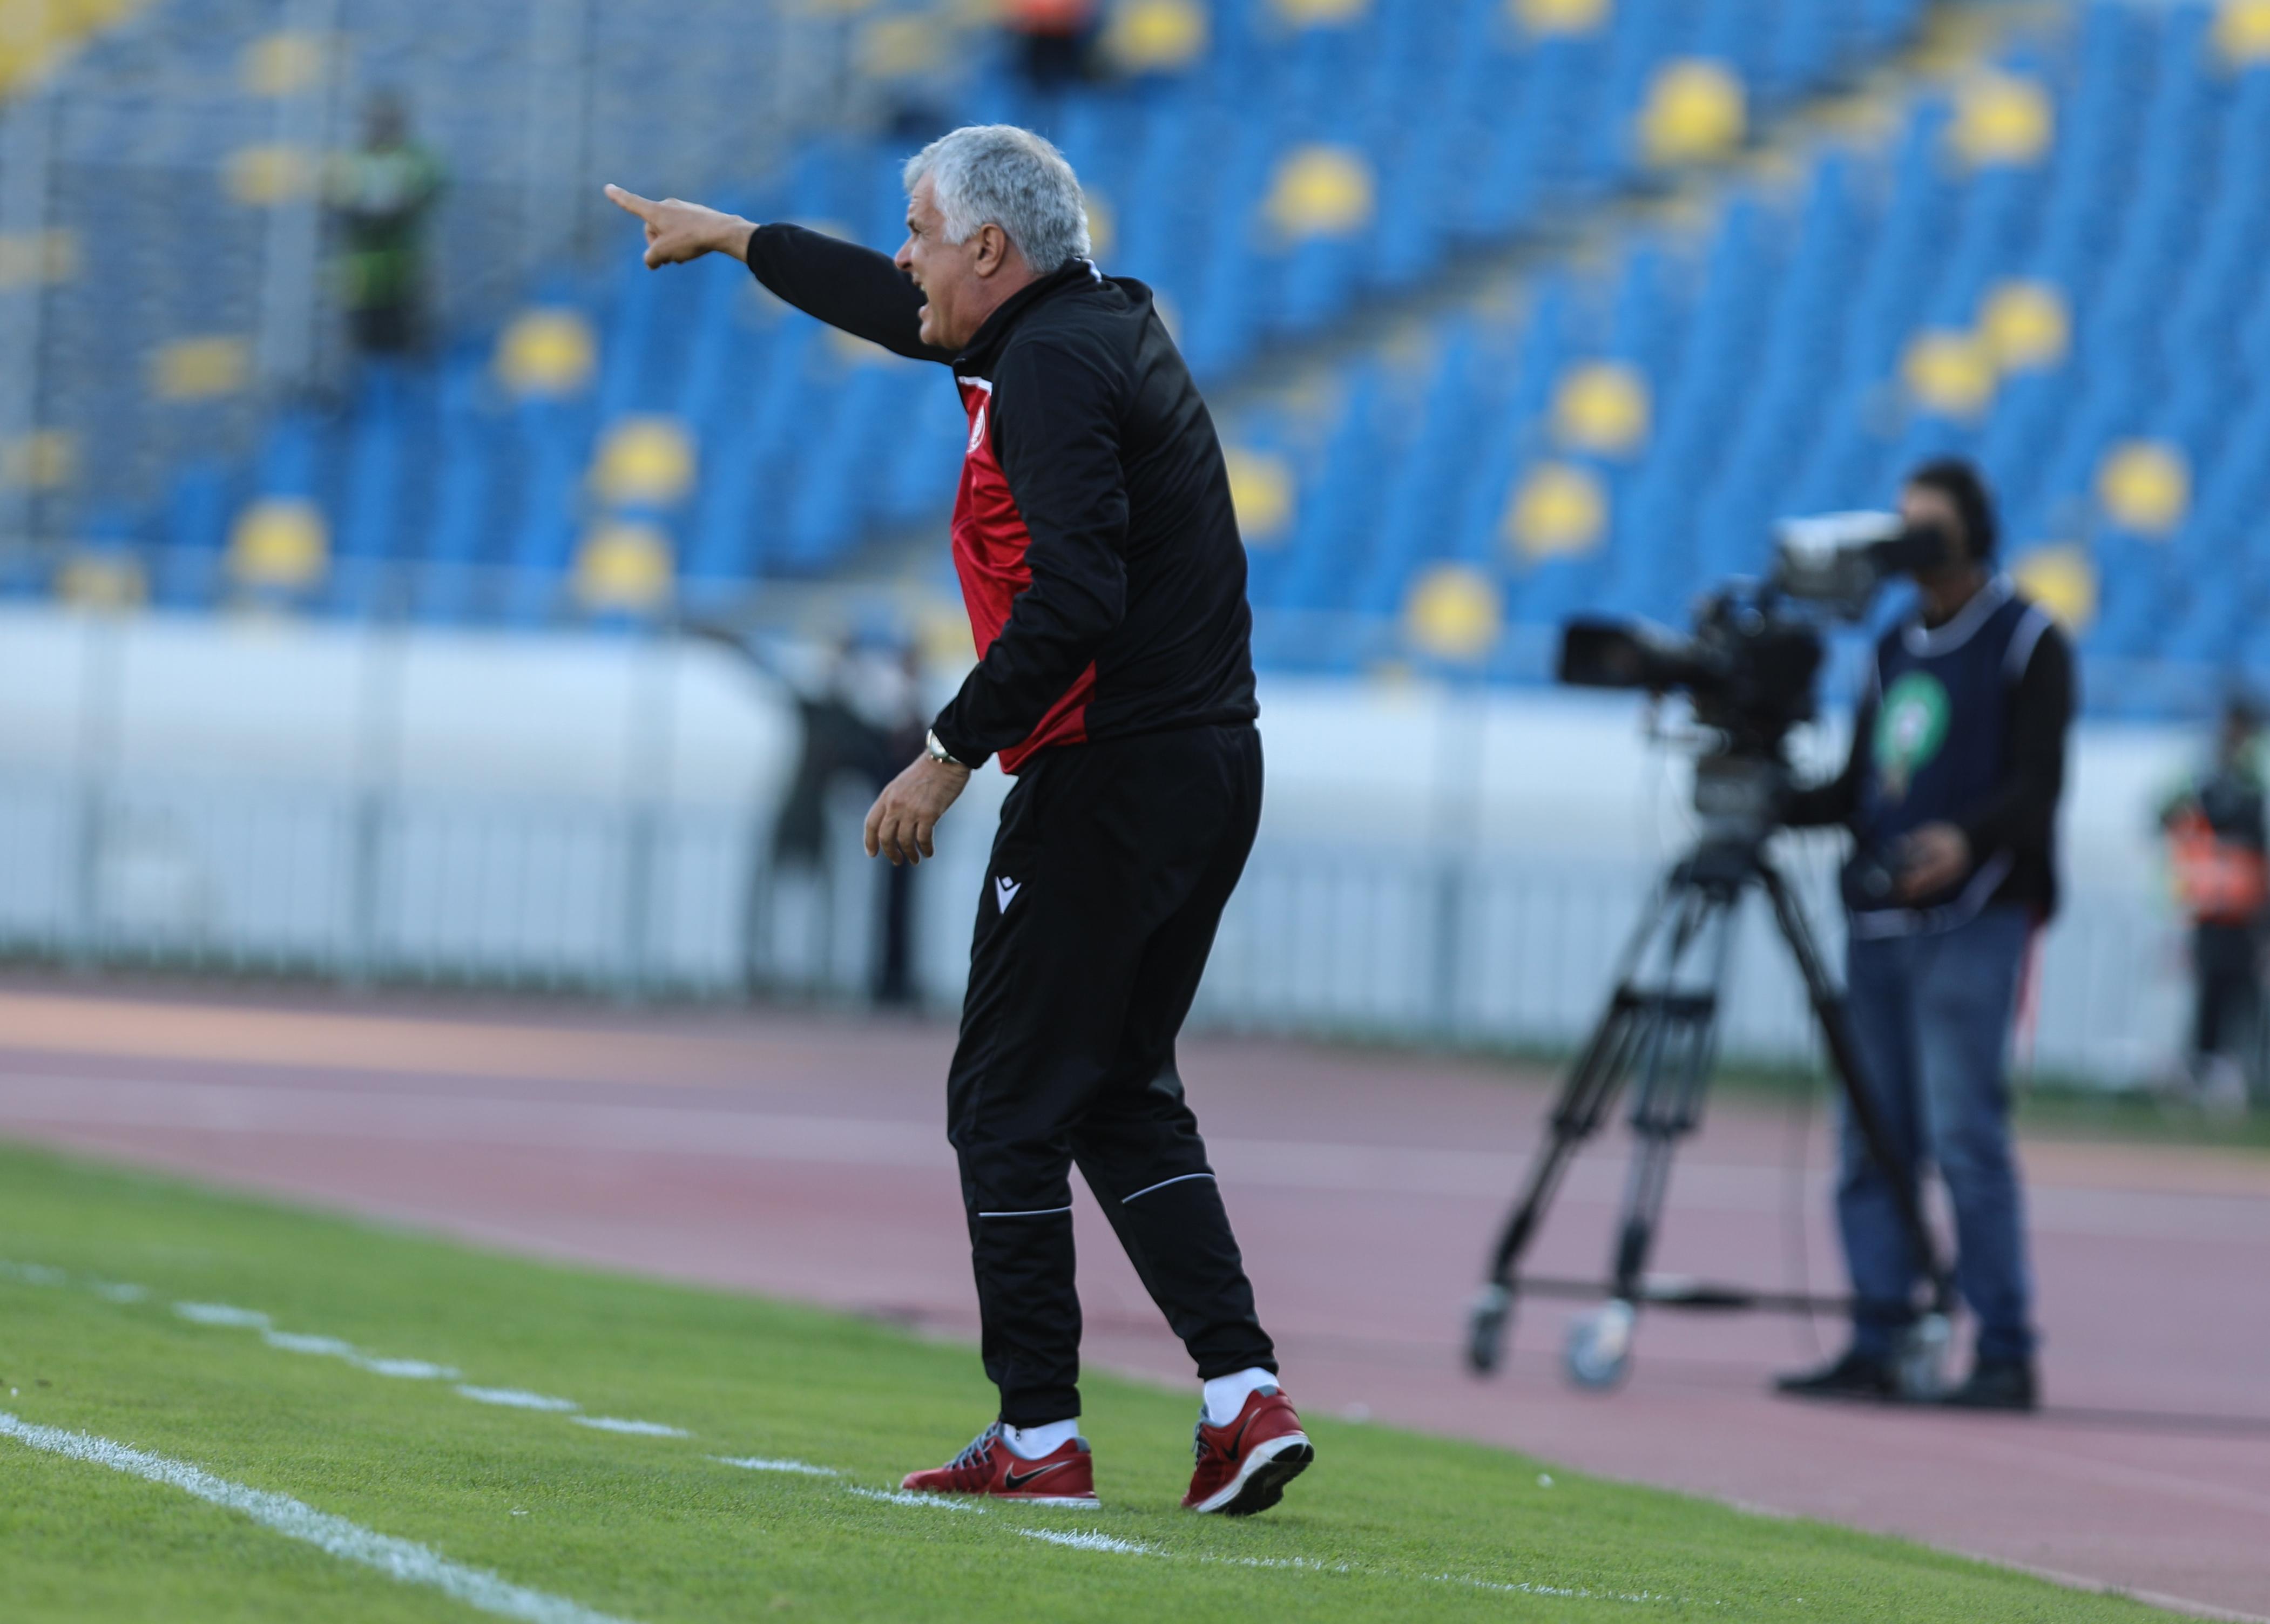 كأس محمد السادس: زوران: مباراة جزئيات